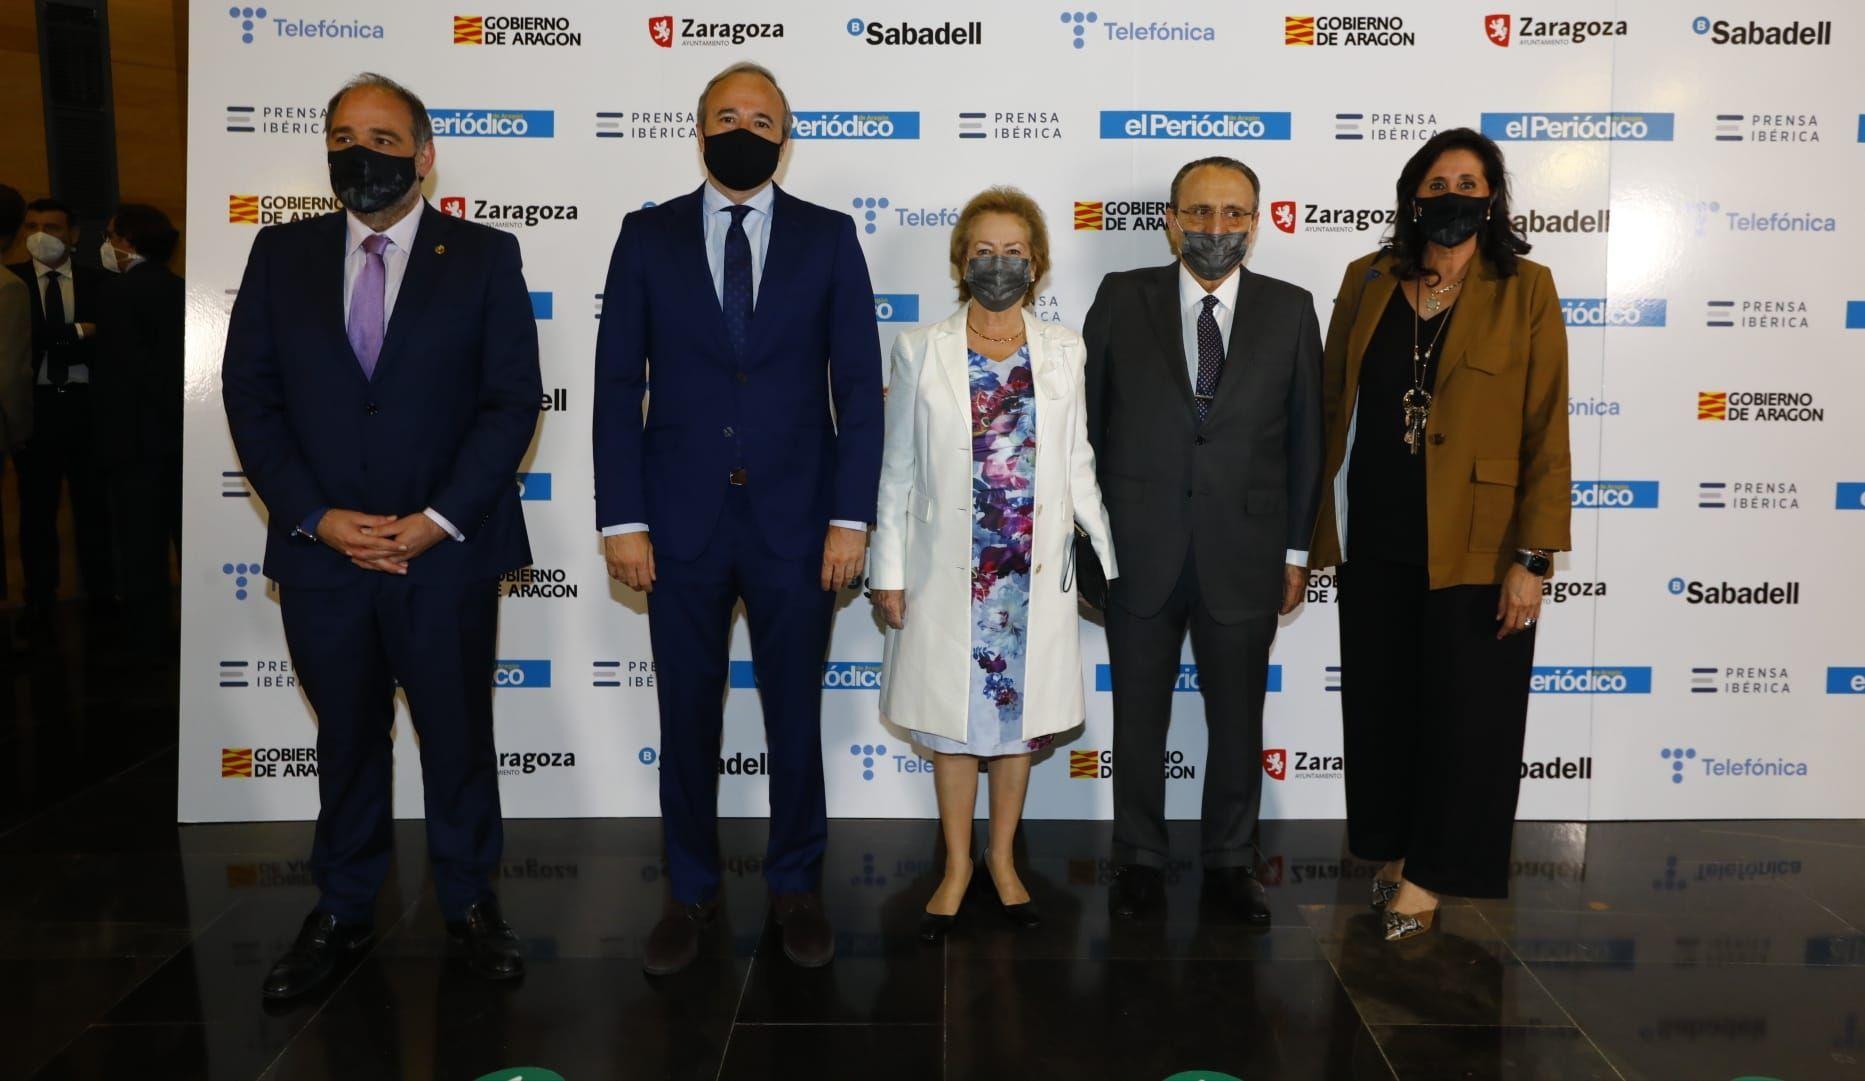 Alfonso Mendoza Trell, Jorge Azcón, Arantza Sarasola, Javier Moll, Paloma Espinos